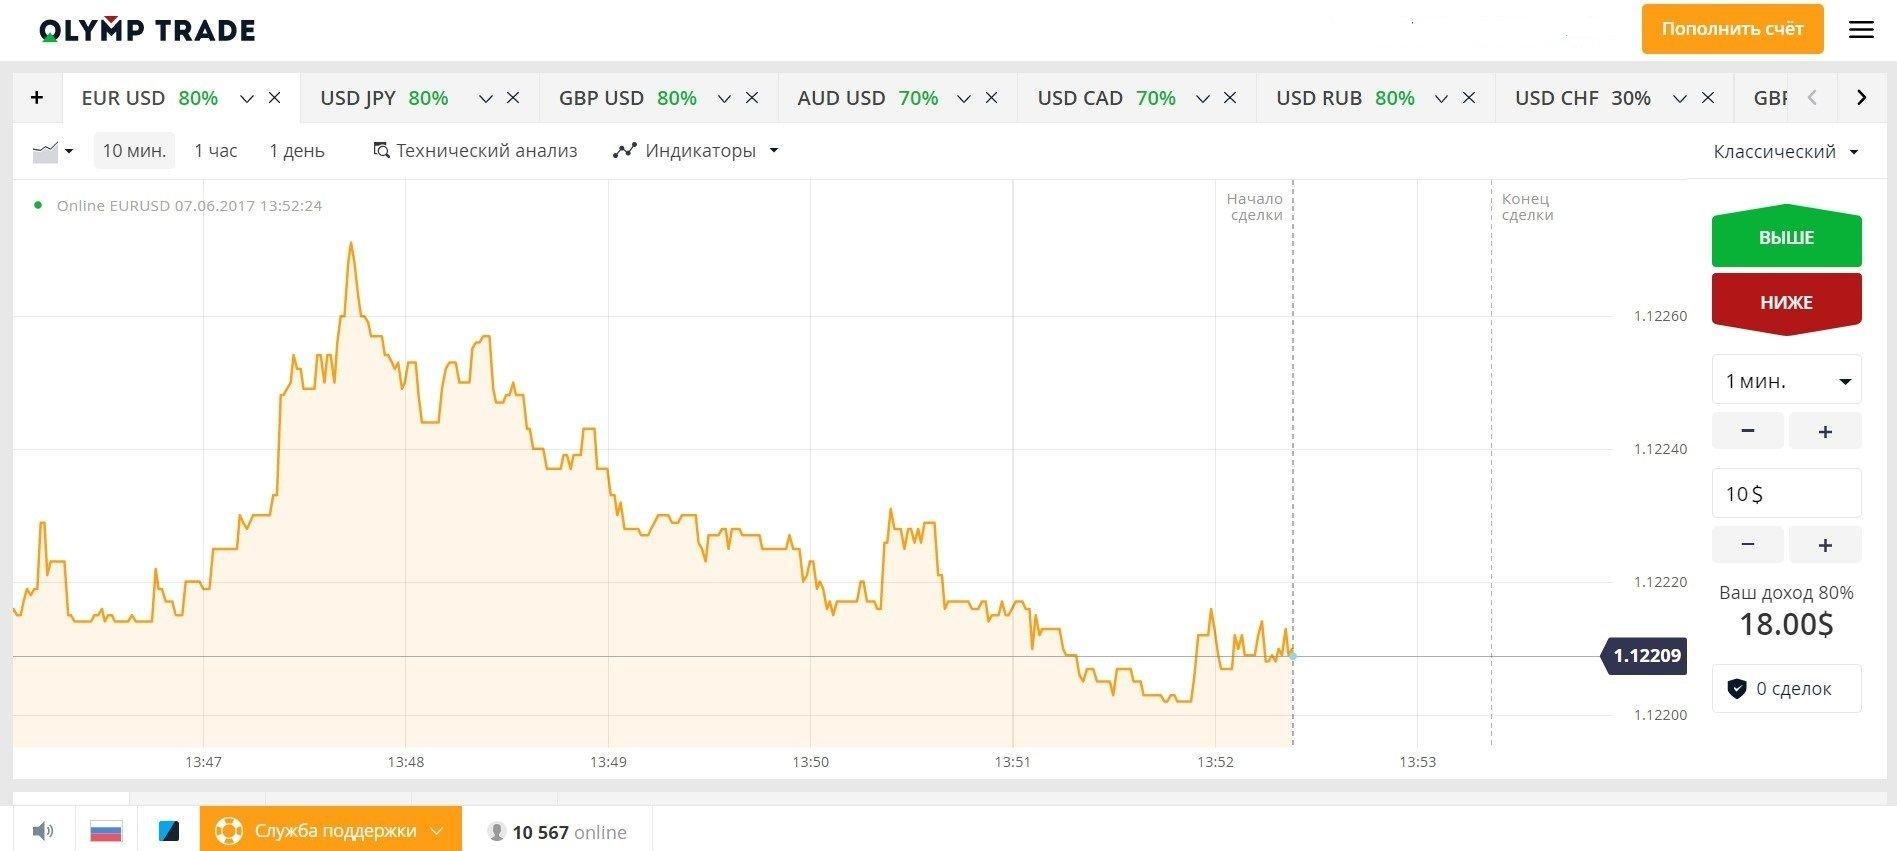 Стоимость биткоина в долларах-6